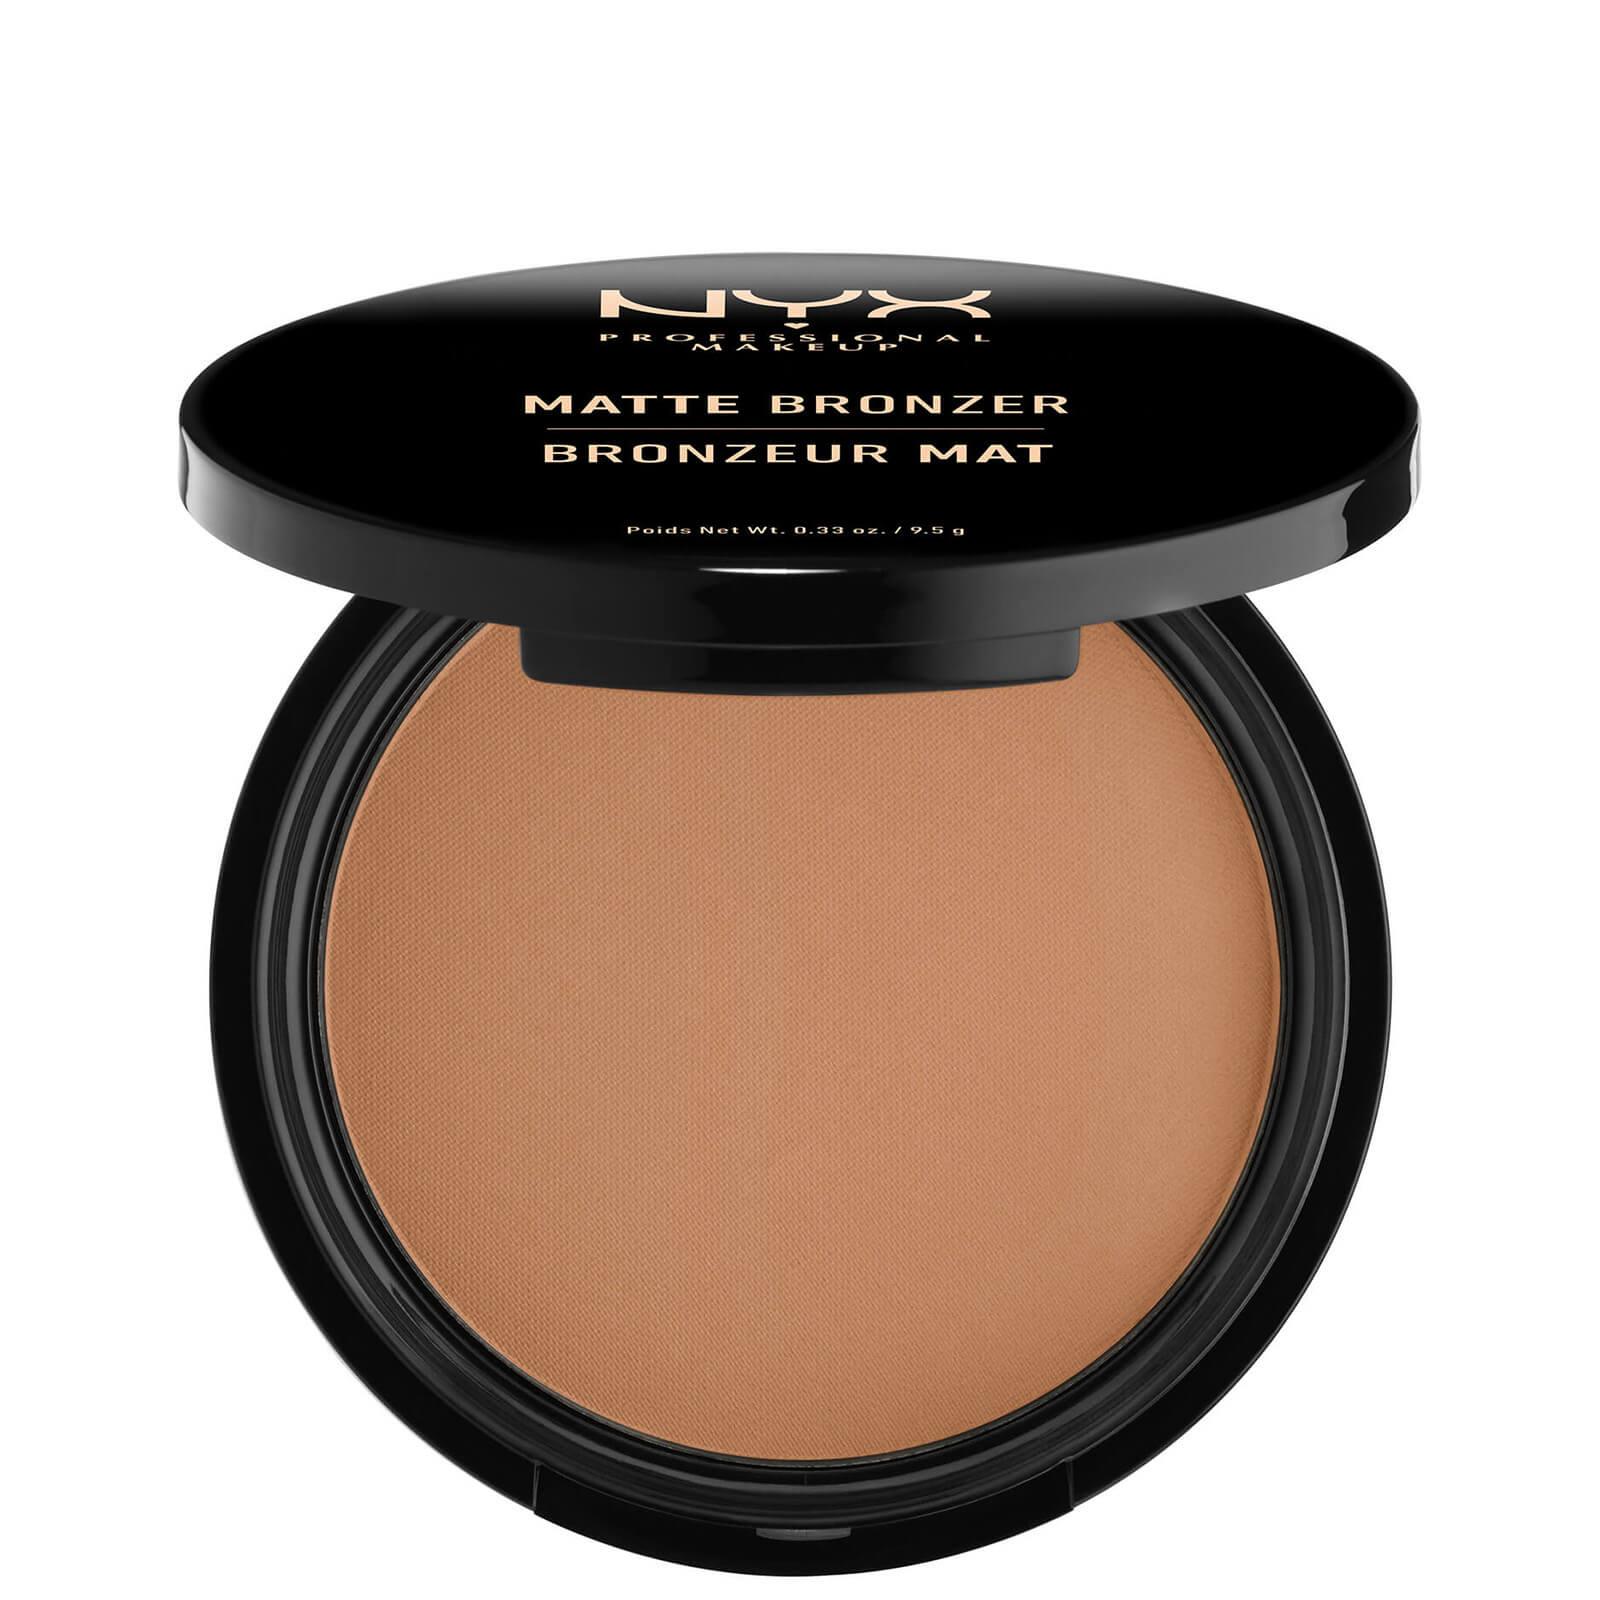 Купить Матовая бронзирующая пудра NYX Professional Makeup Matte Bronzer (различные оттенки) - Deep Tan